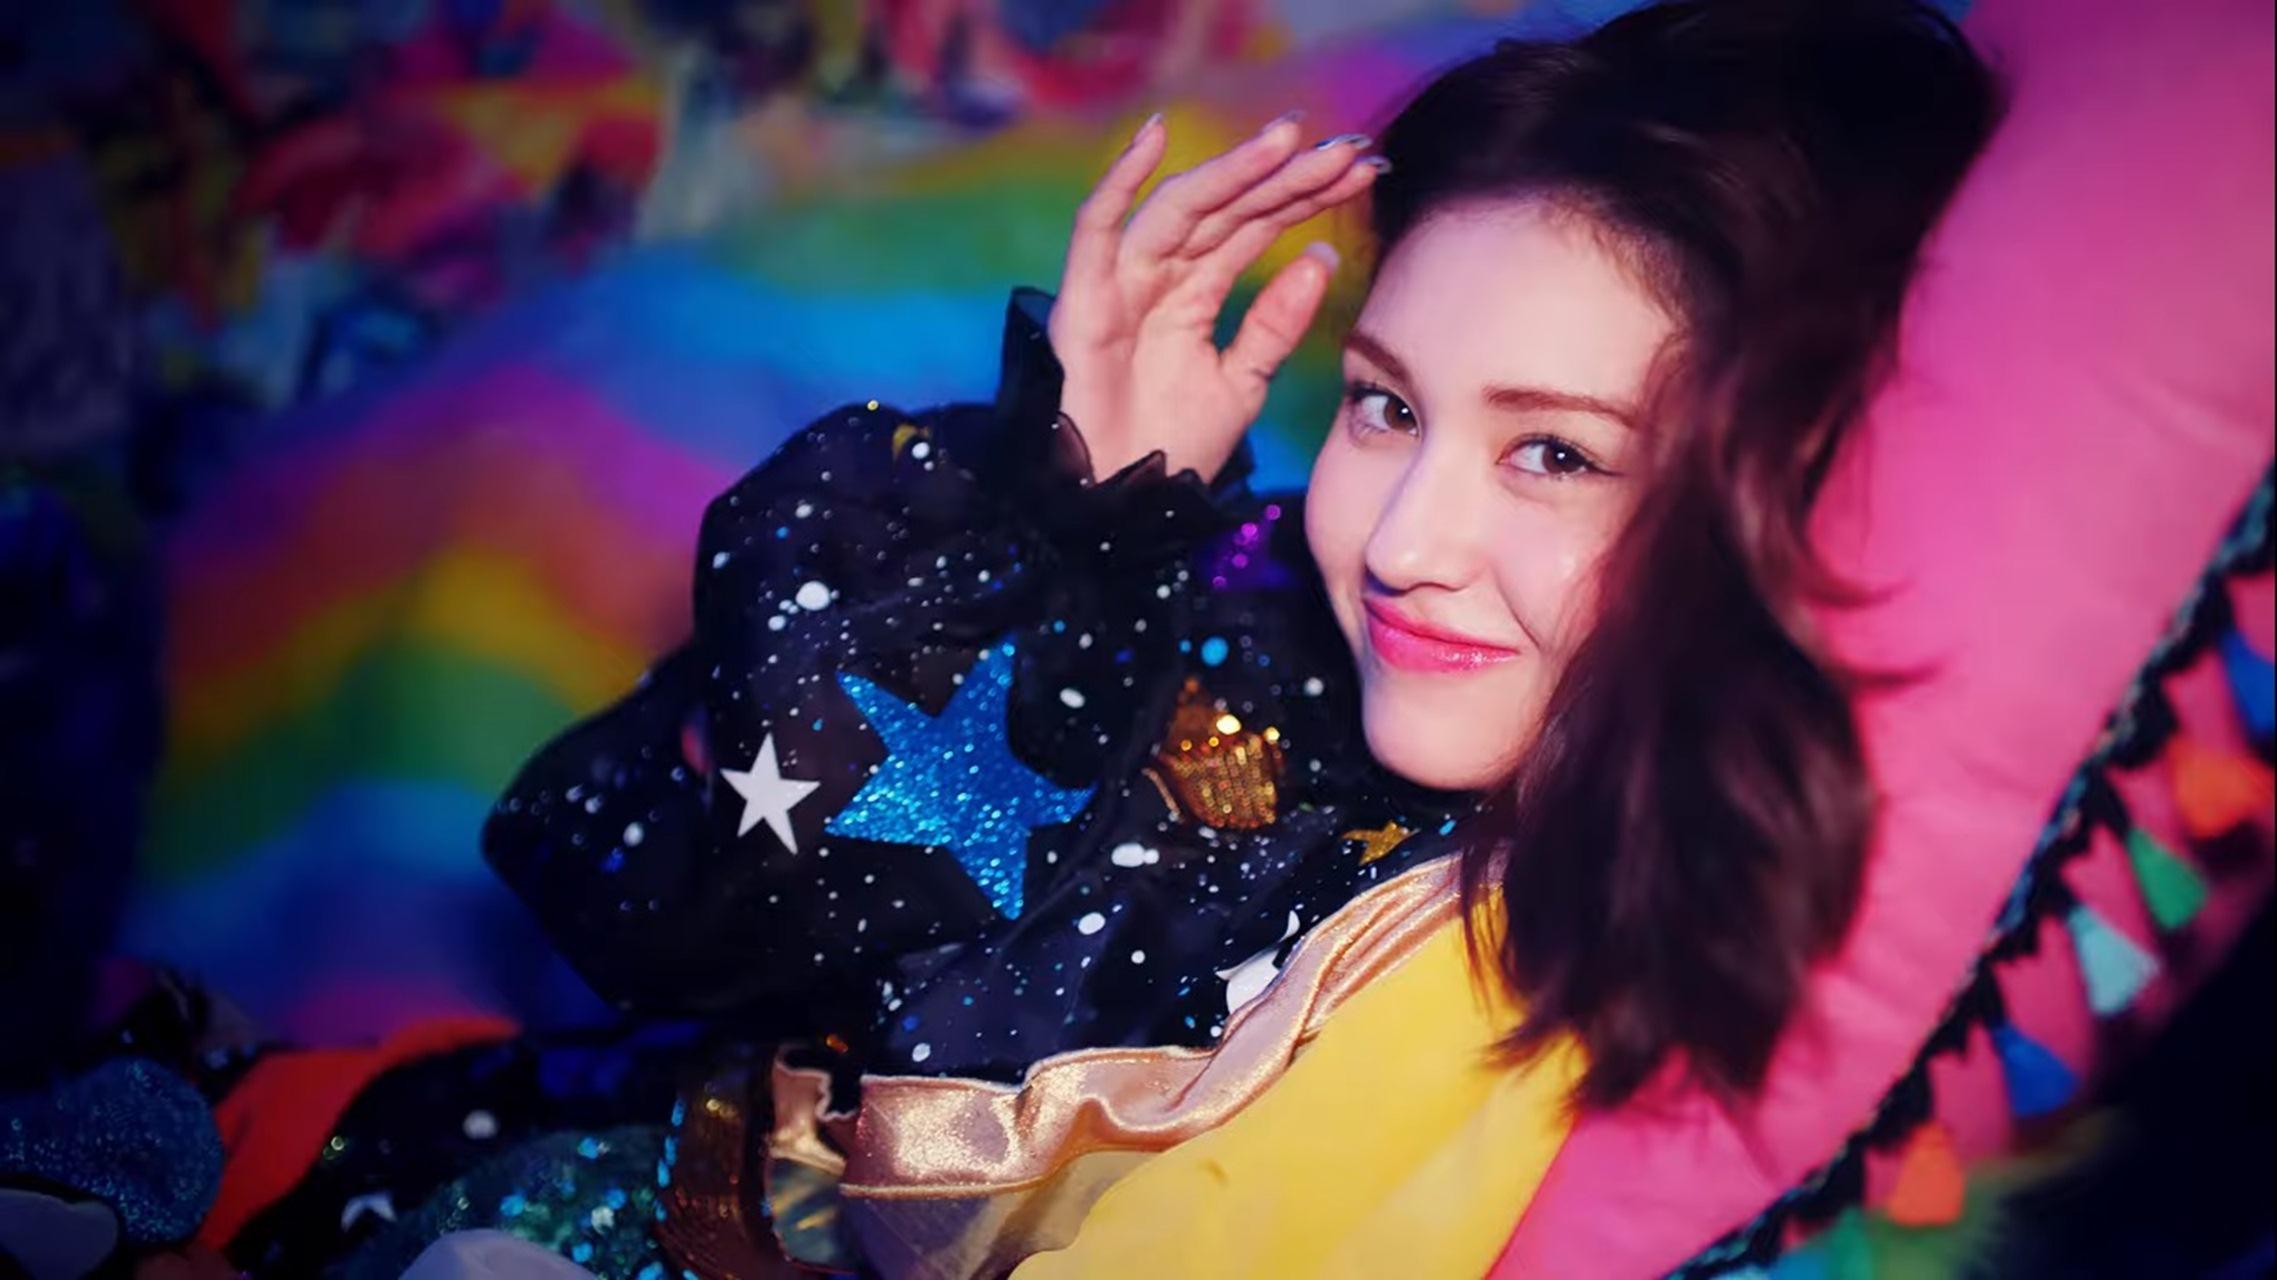 Jeon Somi Mengungkapkan Perubahan Dirinya Sejak Meninggalkan JYP Dan Bergabung Dengan YG Entertainment 3